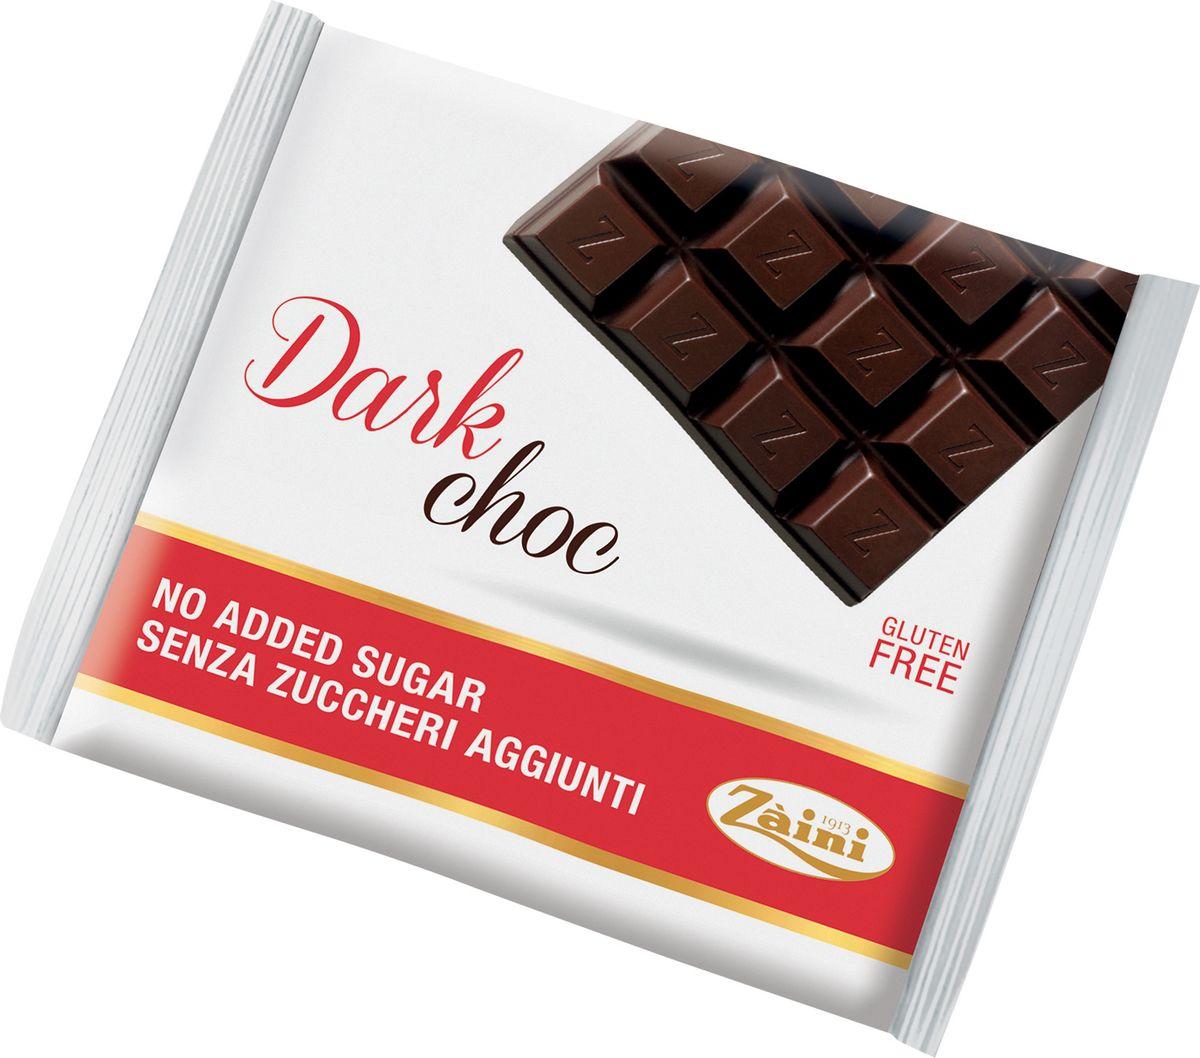 Zaini Dark Choc темный шоколад без сахара, 75 г3953Zaini Dark Choc - темный шоколад без сахара. Подсластитель - мальтит, какао паста, какао масло, инулин, соя лецитин, ваниль. Может содержать следы орехов и молока.